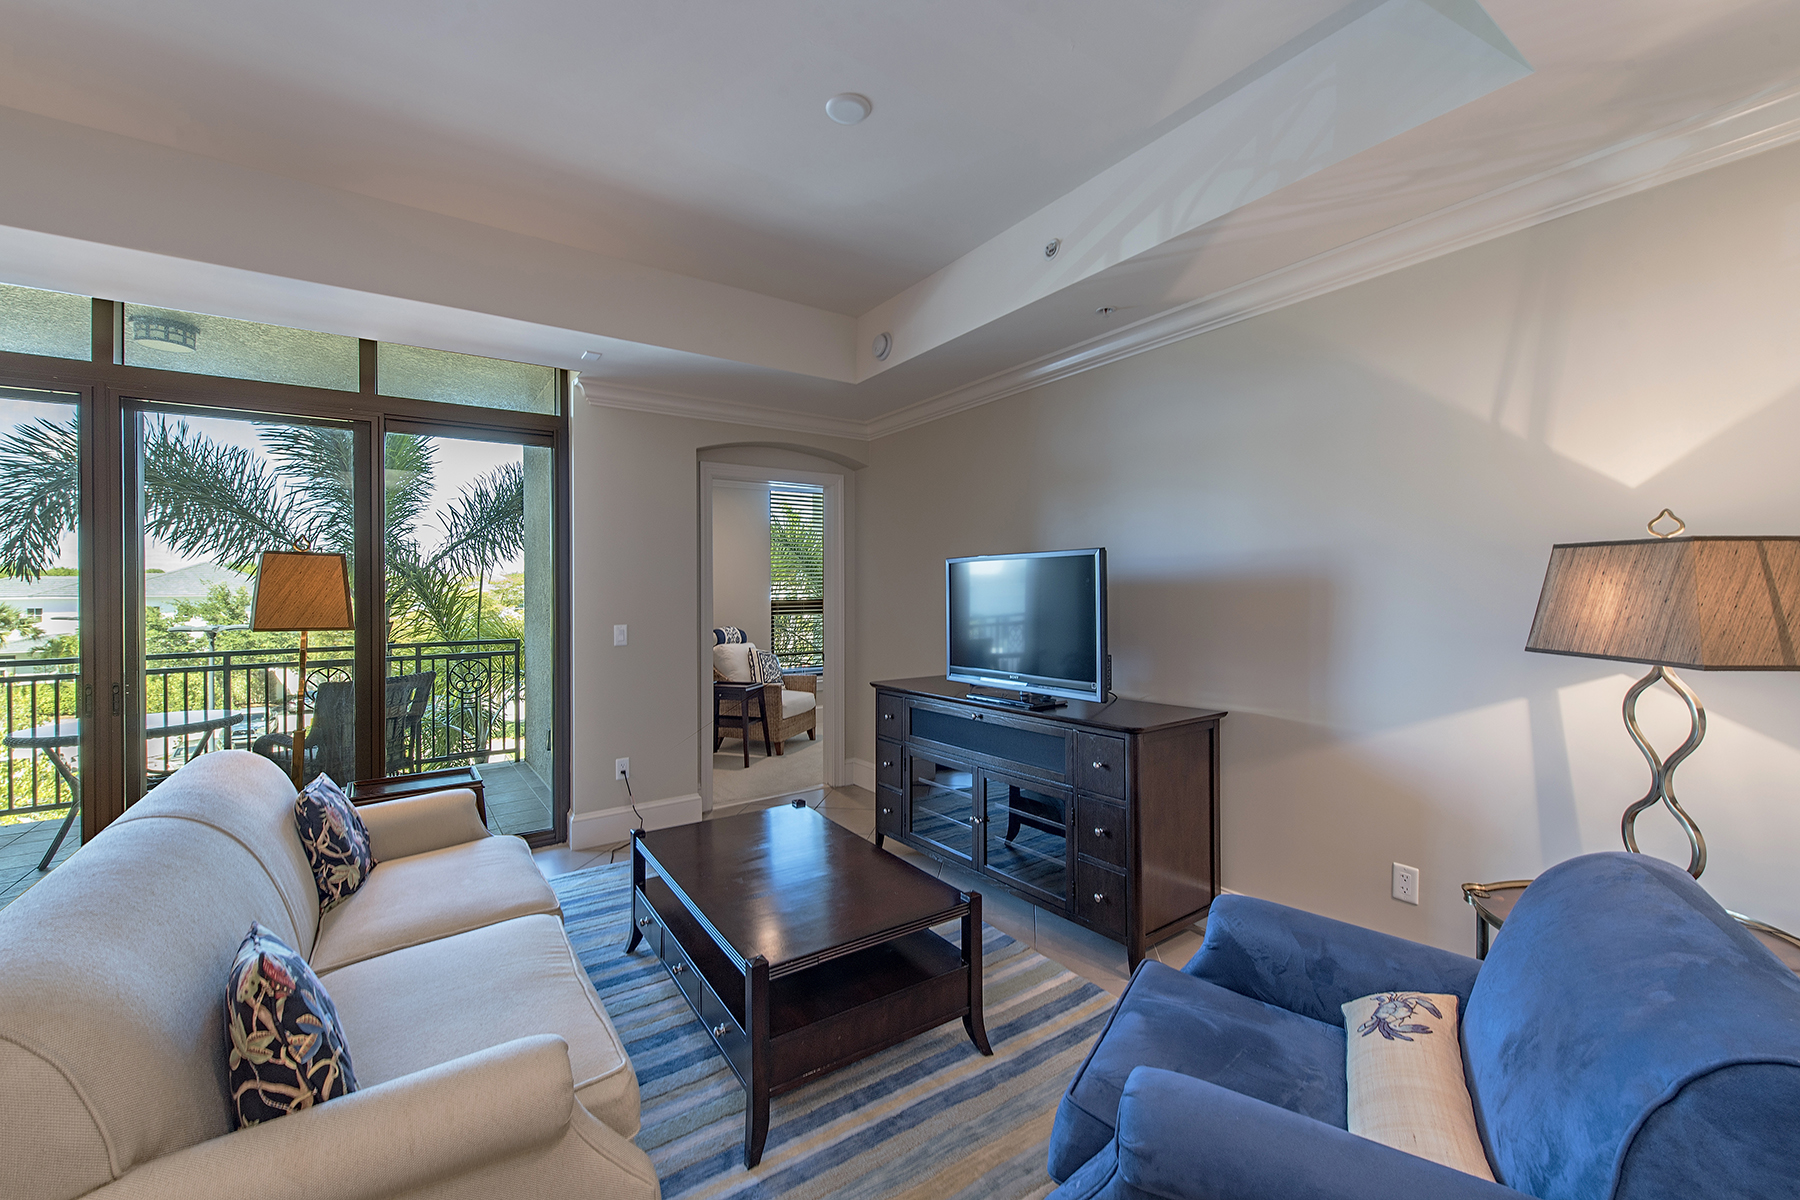 Condominium for Sale at 9123 Strada Pl , 7209, Naples, FL 34108 9123 Strada Pl 7209 Naples, Florida, 34108 United States